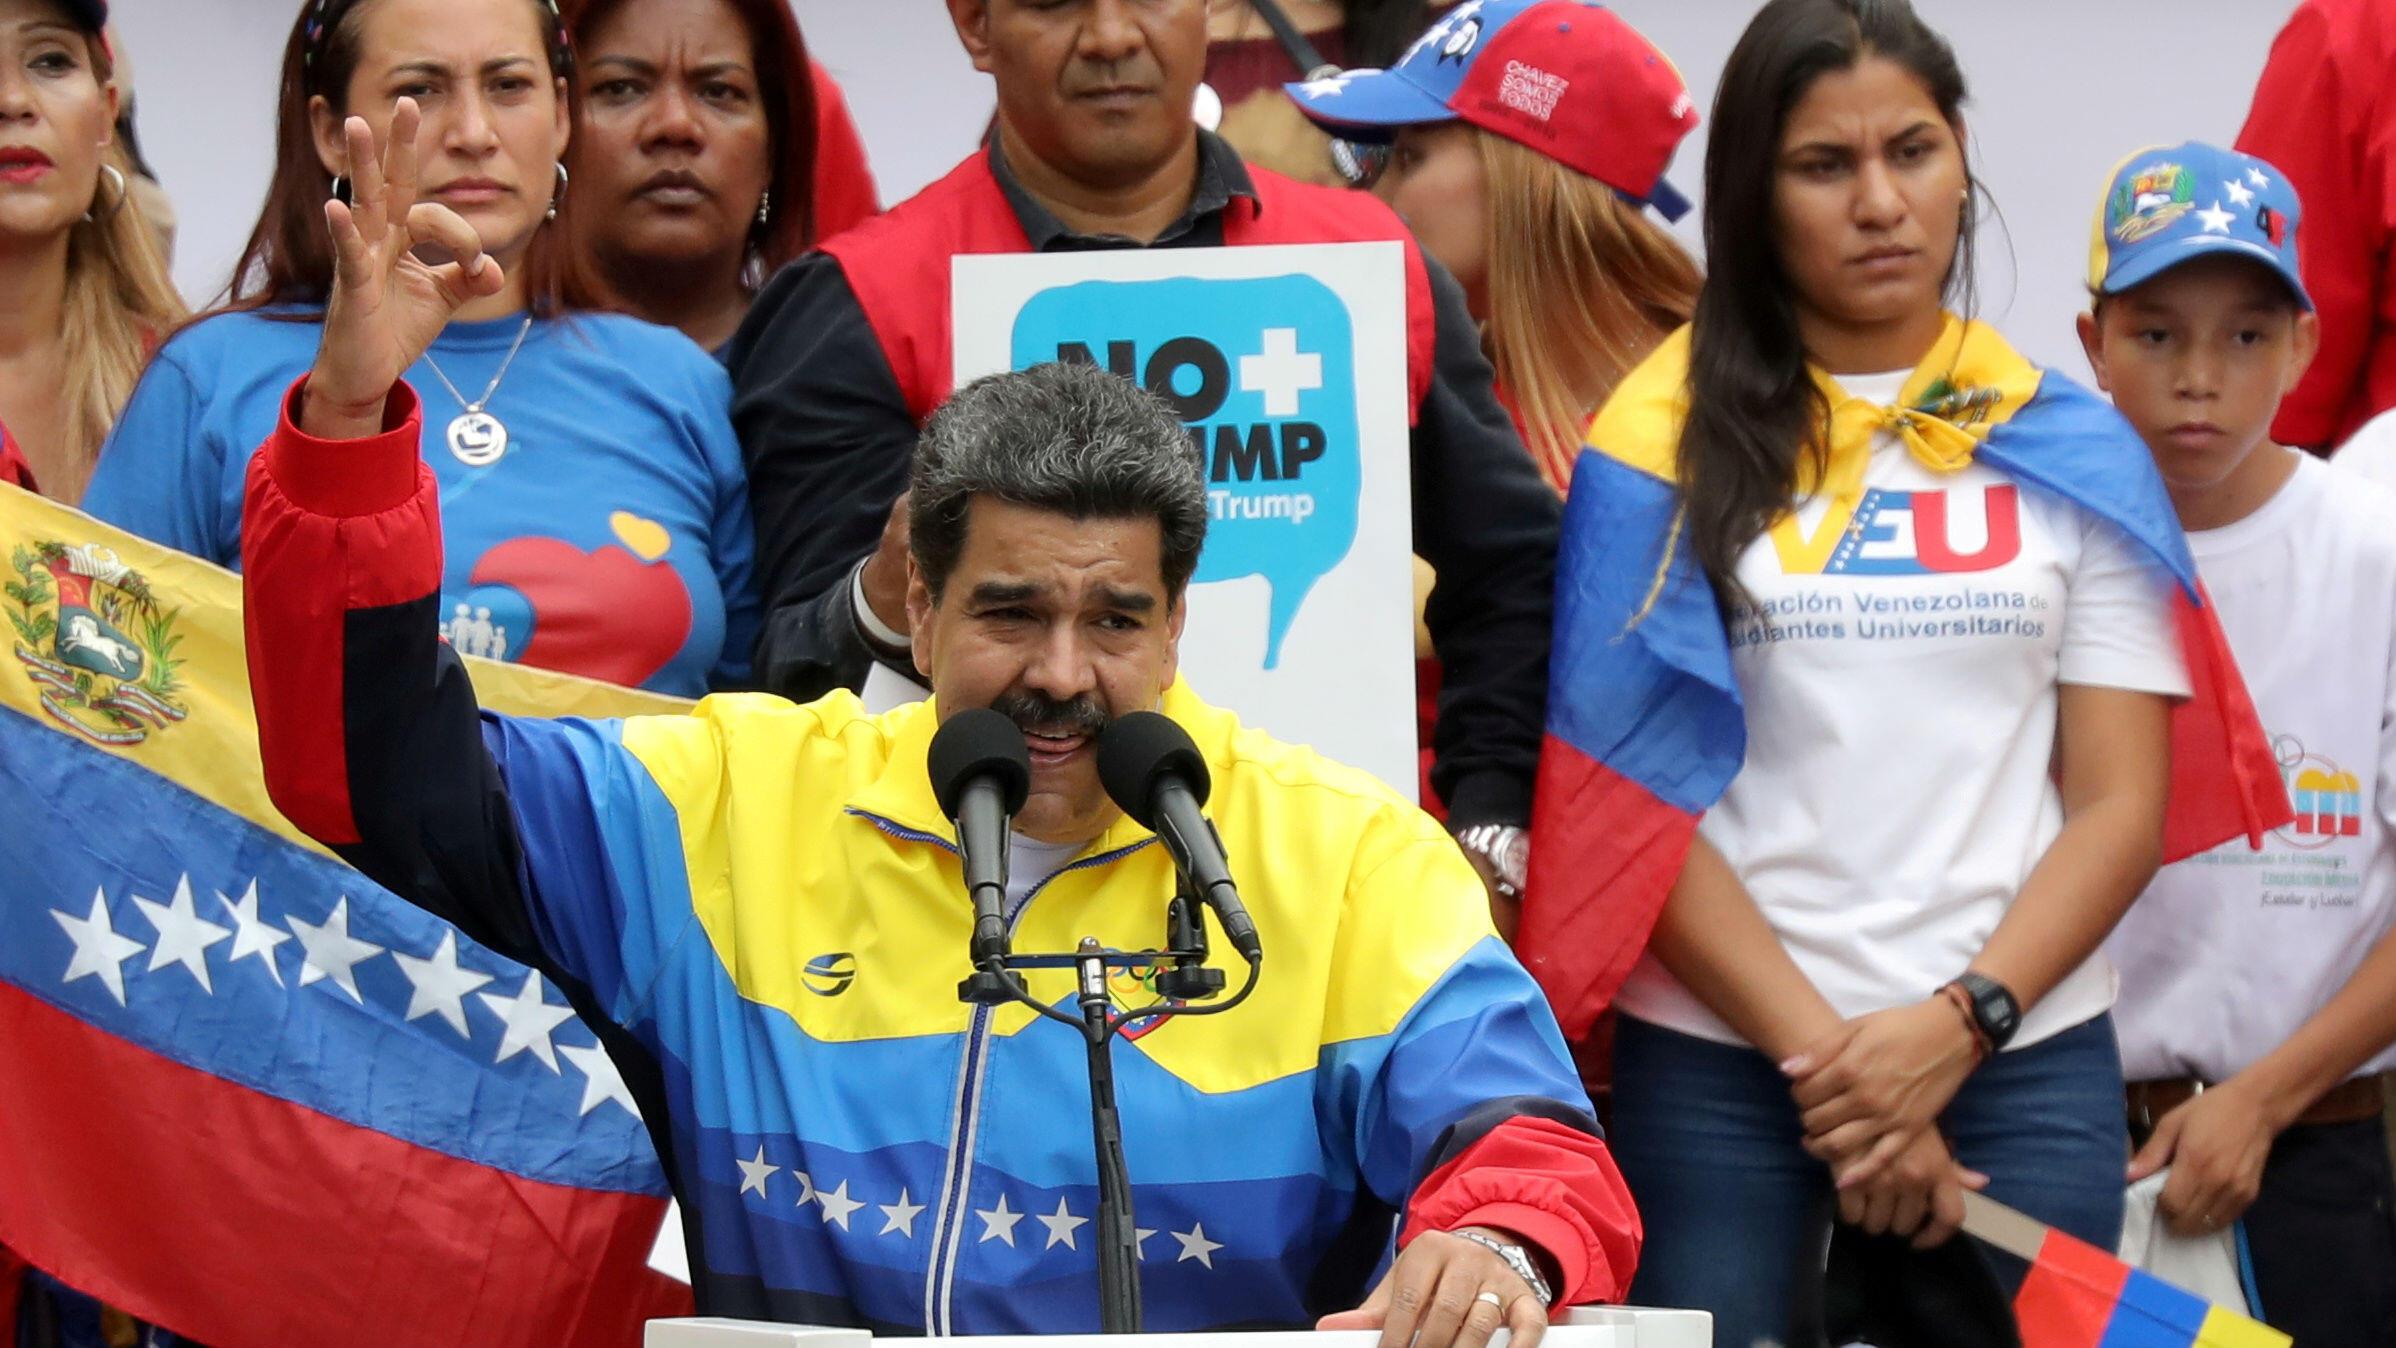 El presidente de Venezuela, Nicolás Maduro, participa en un mitin contra las sanciones de Estados Unidos contra Venezuela, en Caracas, Venezuela, 10 de agosto de 2019.